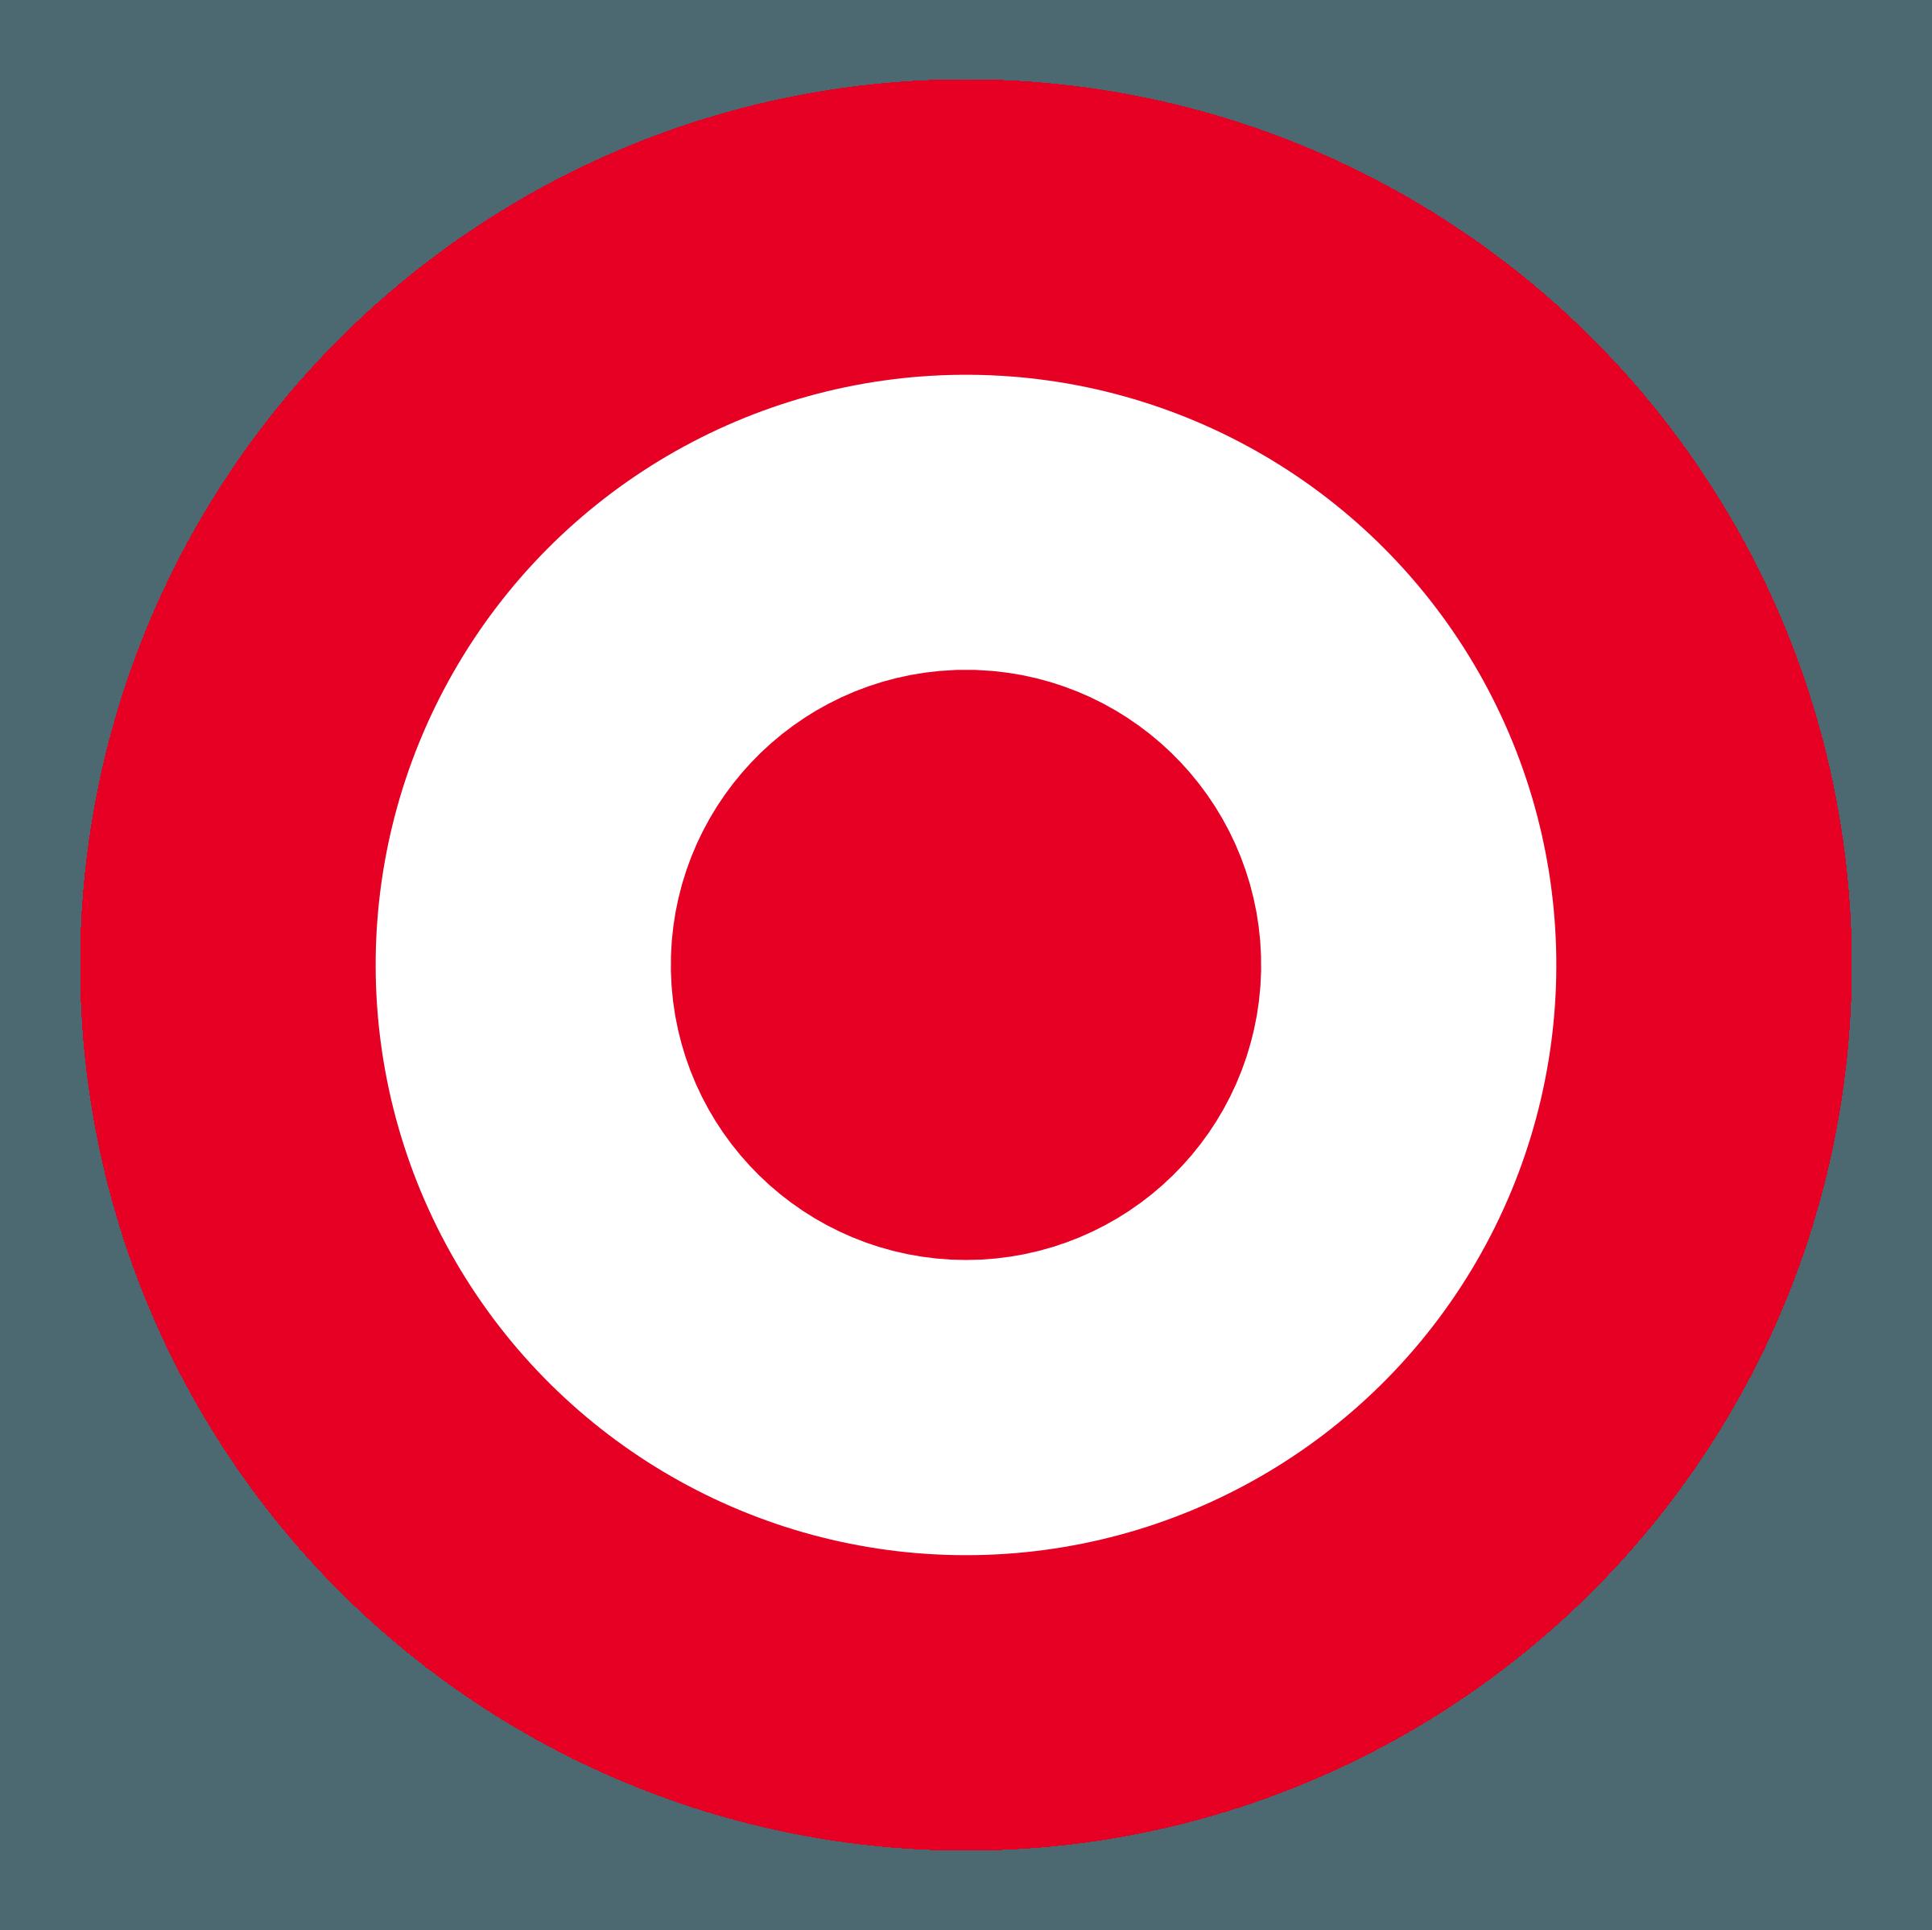 Image result for logo. Motivation clipart goal target